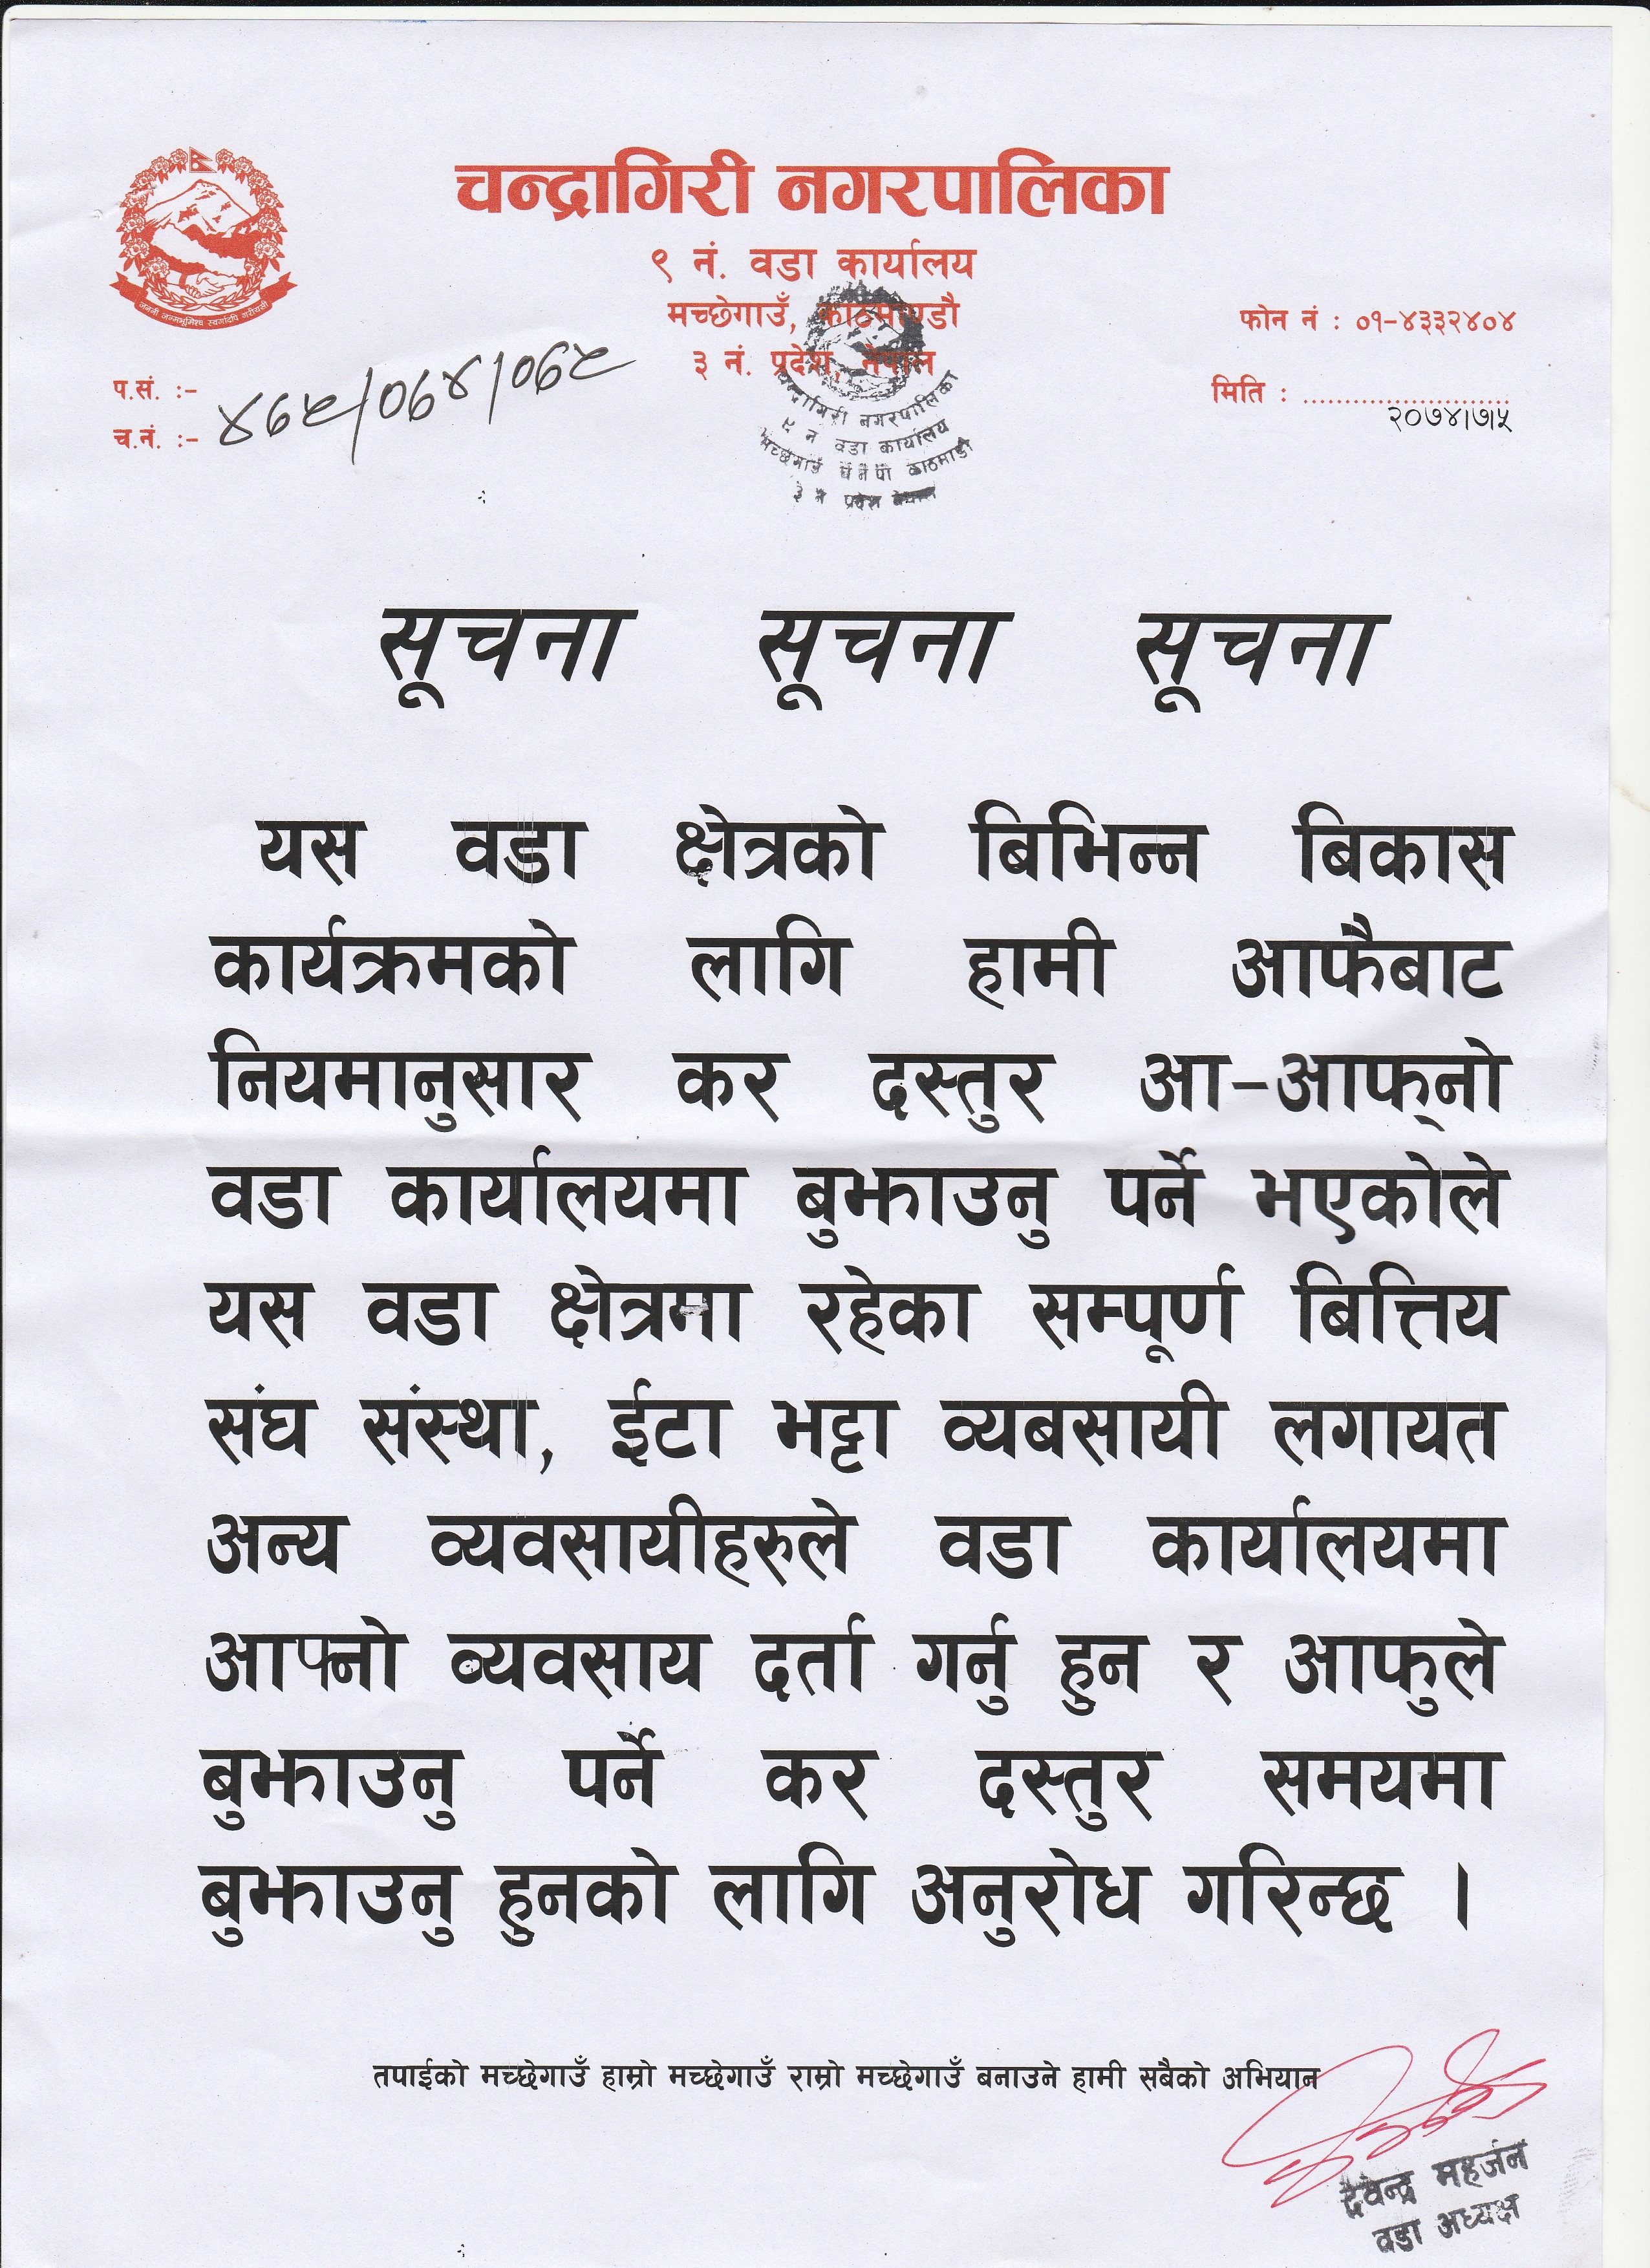 Chandragirinews IMG_20171023_0002 वडा कार्यालयका जरूरी सुचनाहरू । मछेगाउँ मातातिर्थ    chandragiri